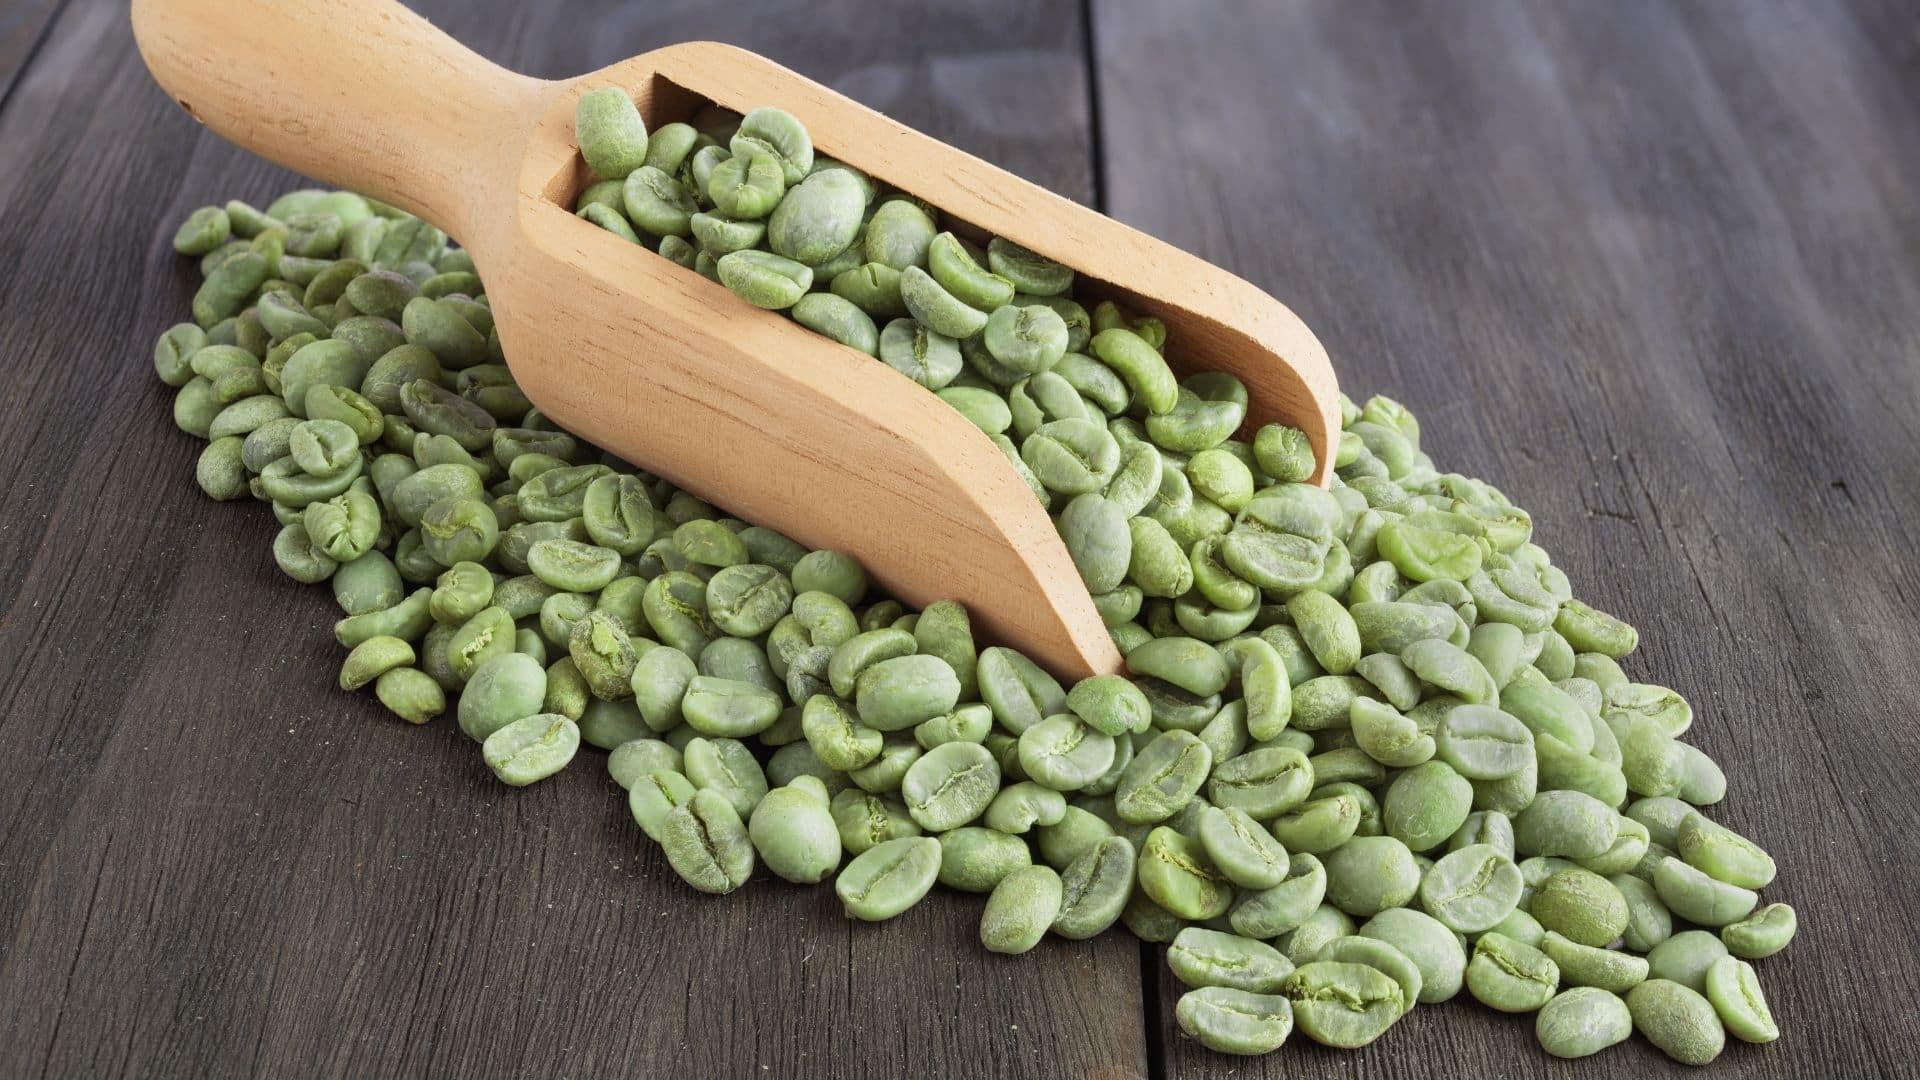 """A """"zöld kávé"""" bab a Coffea gyümölcs kávék magja (bab), amelyet még nem pörköltek meg. A pörkölési folyamat csökkenti az úgynevezett klorogénsav mennyiségét. Ezért a zöld kávébab magas klorogénsav tartalommal rendelkezik, mint a szokásos, pörkölt kávébab. Úgy gondolják, hogy a zöld kávéban található klorogénsav egészségügyi előnyökkel jár."""